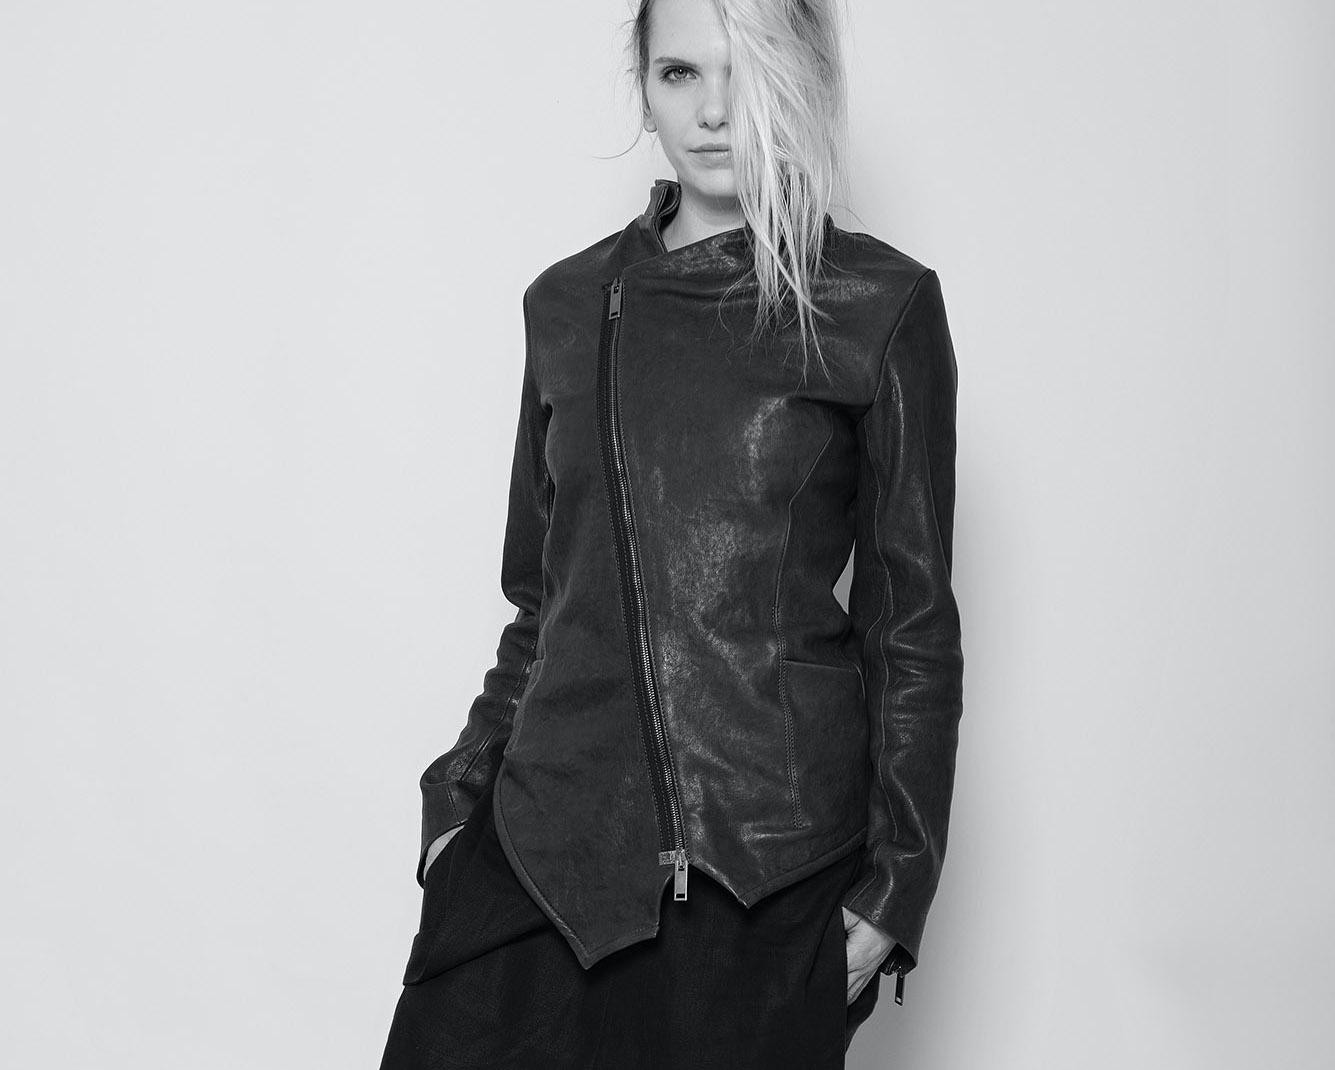 Asymetrische Damen Lederjacke Locke in schwarz | eigensinnig wien